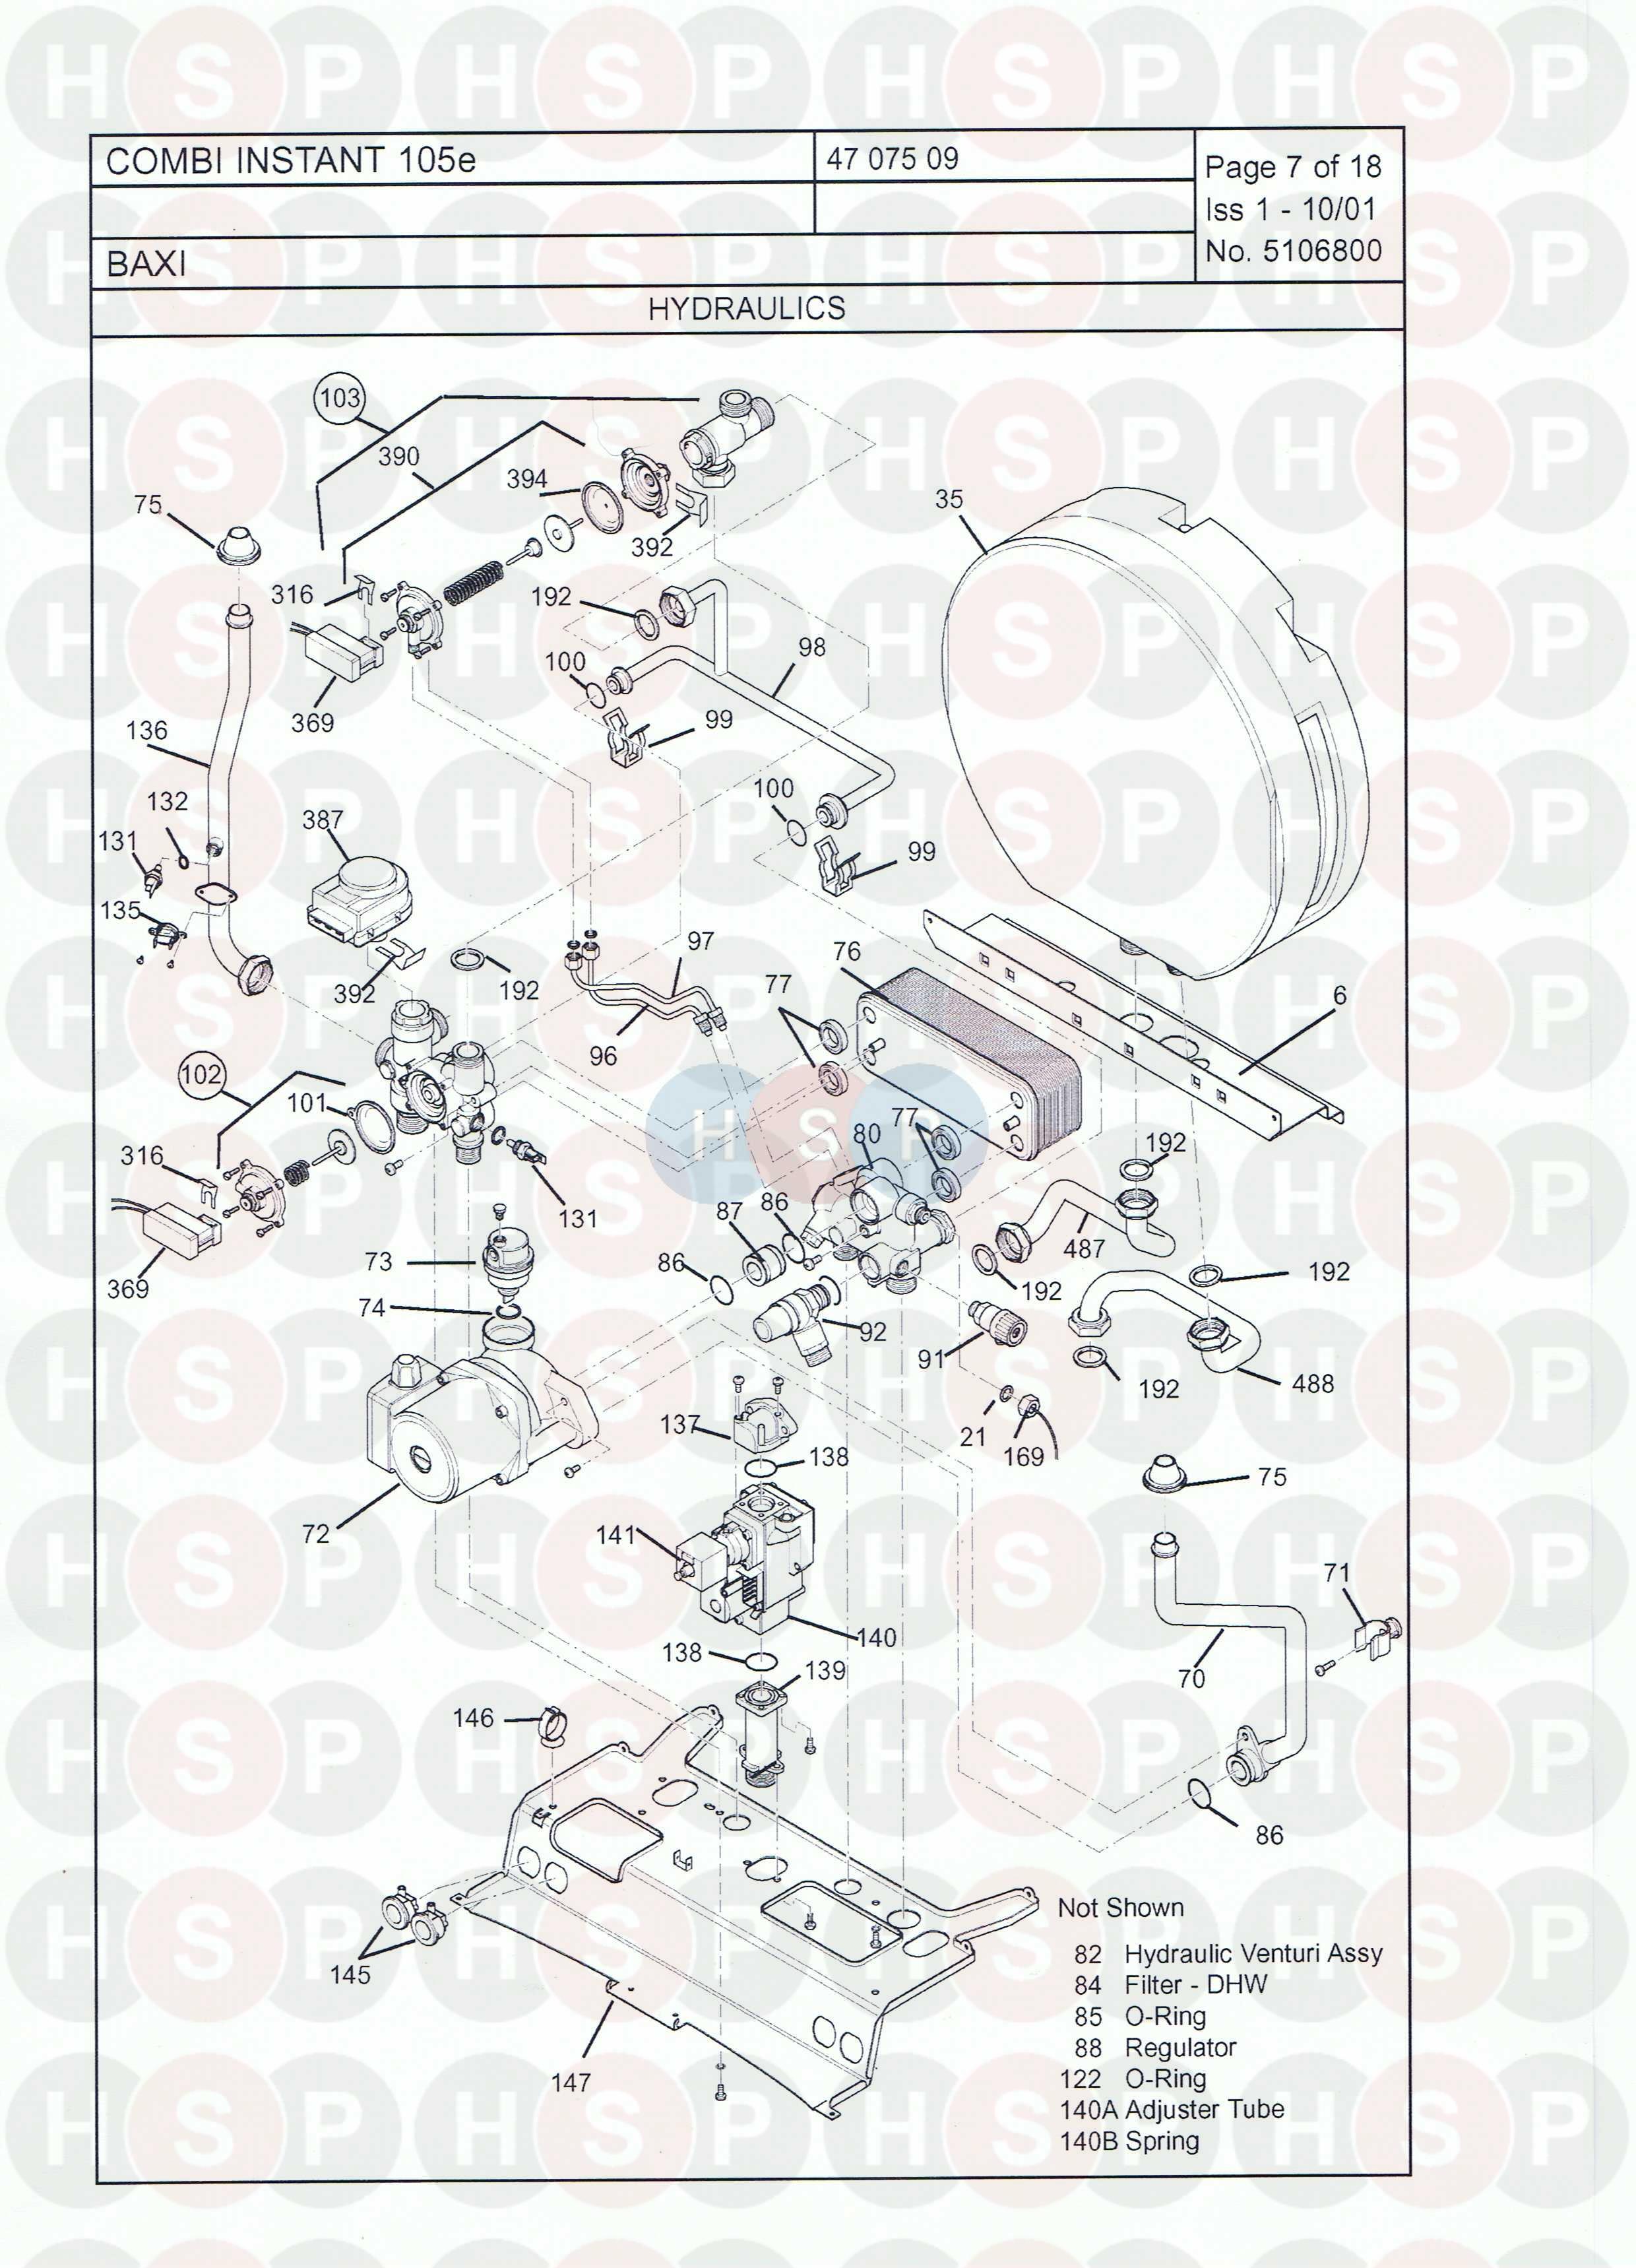 baxi combi instant 105 e  hydraulics  diagram